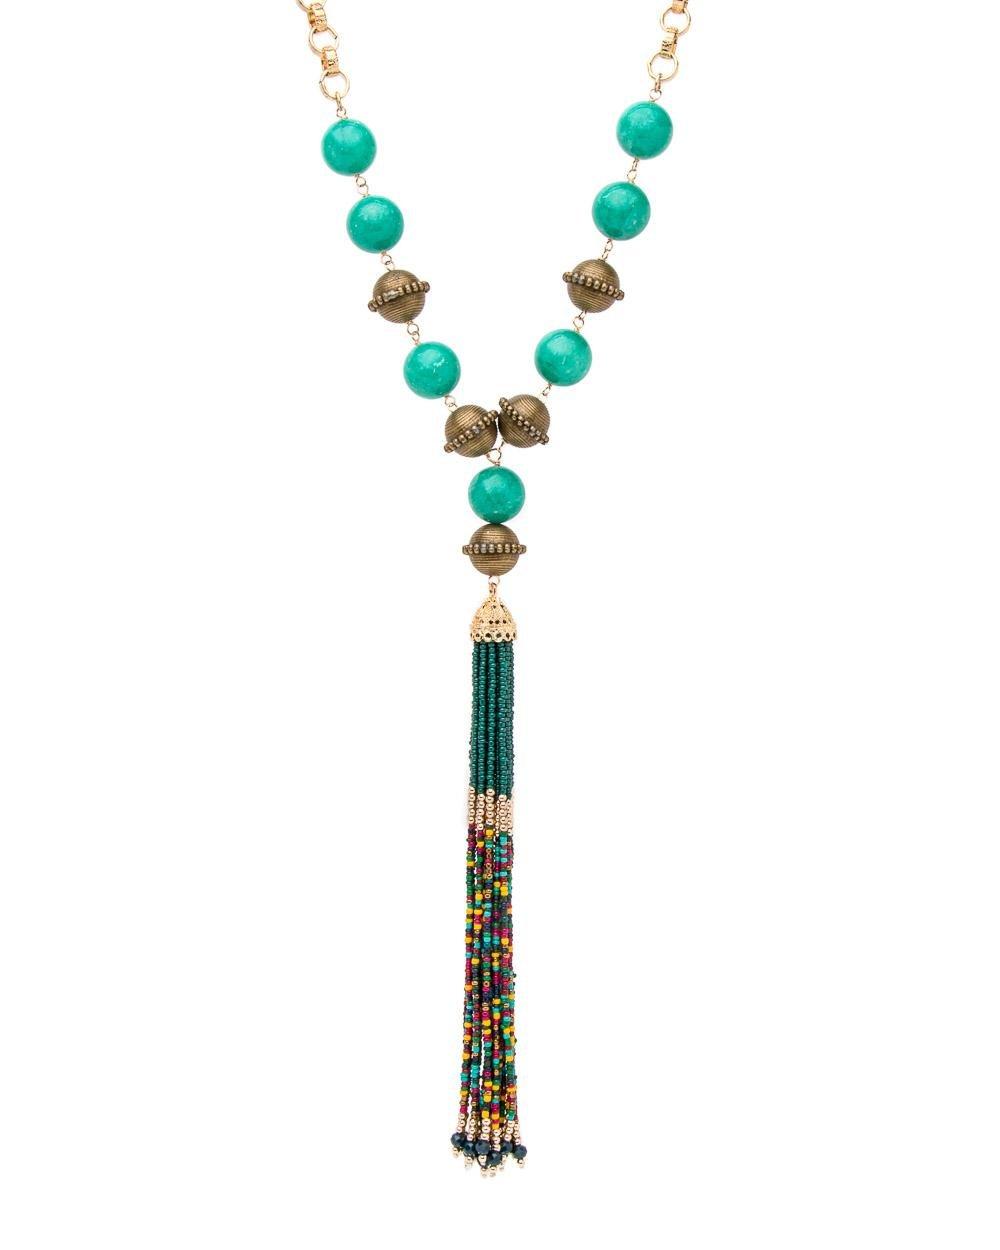 Devon Leigh Antiqued Statement Tassel Necklace 8VtjCHk54